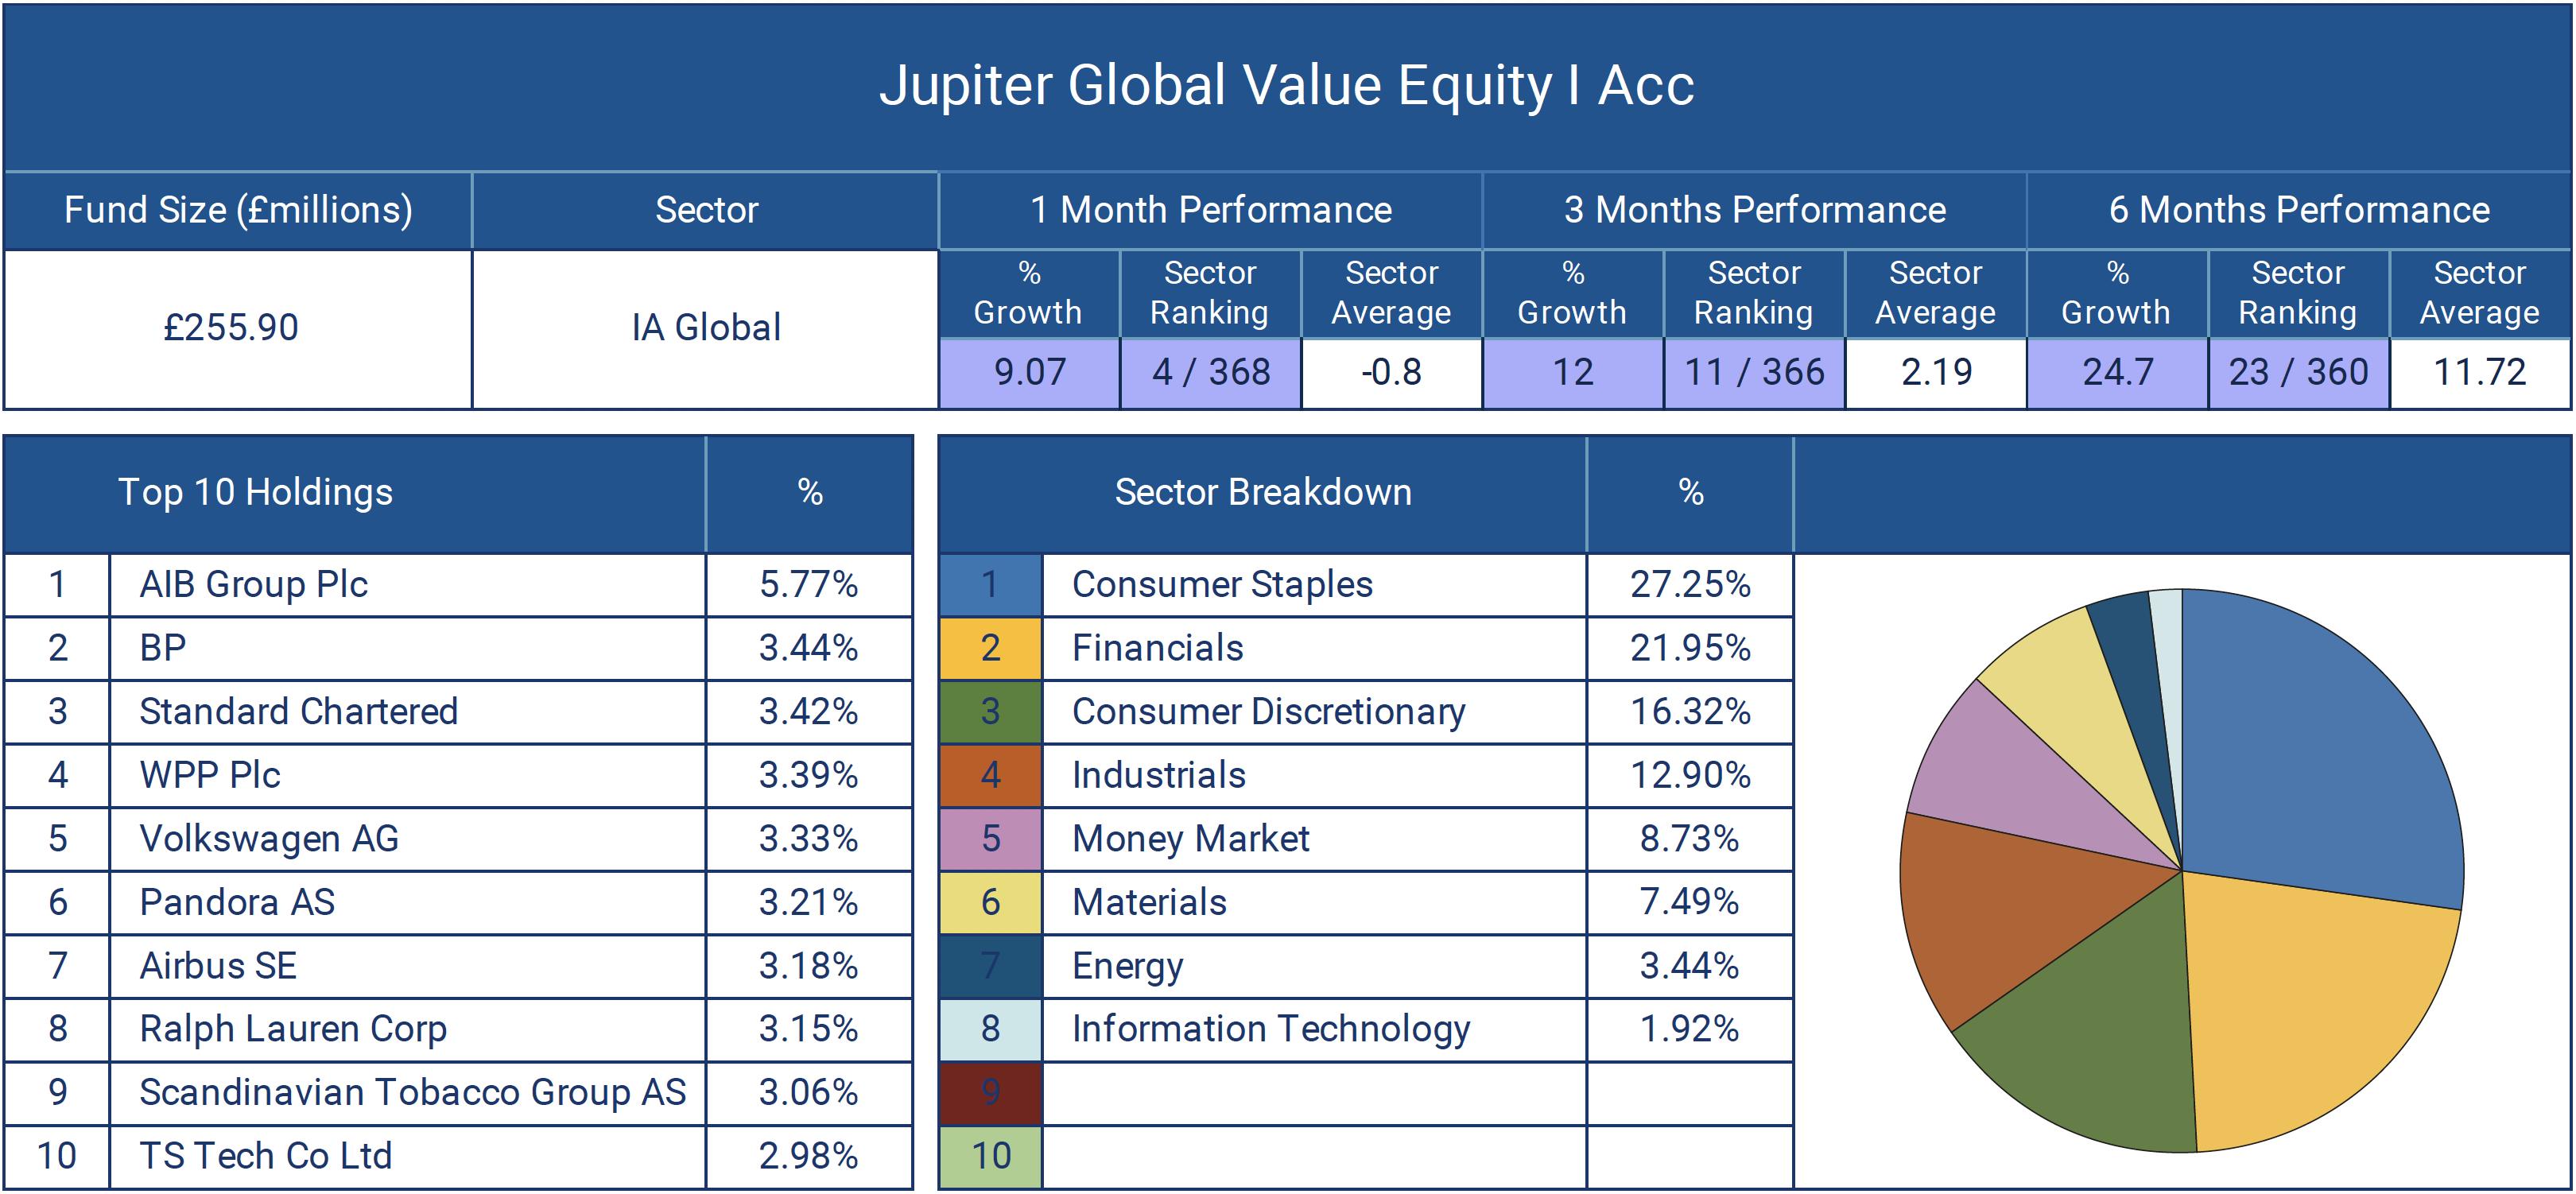 Jupiter Global Value Equity